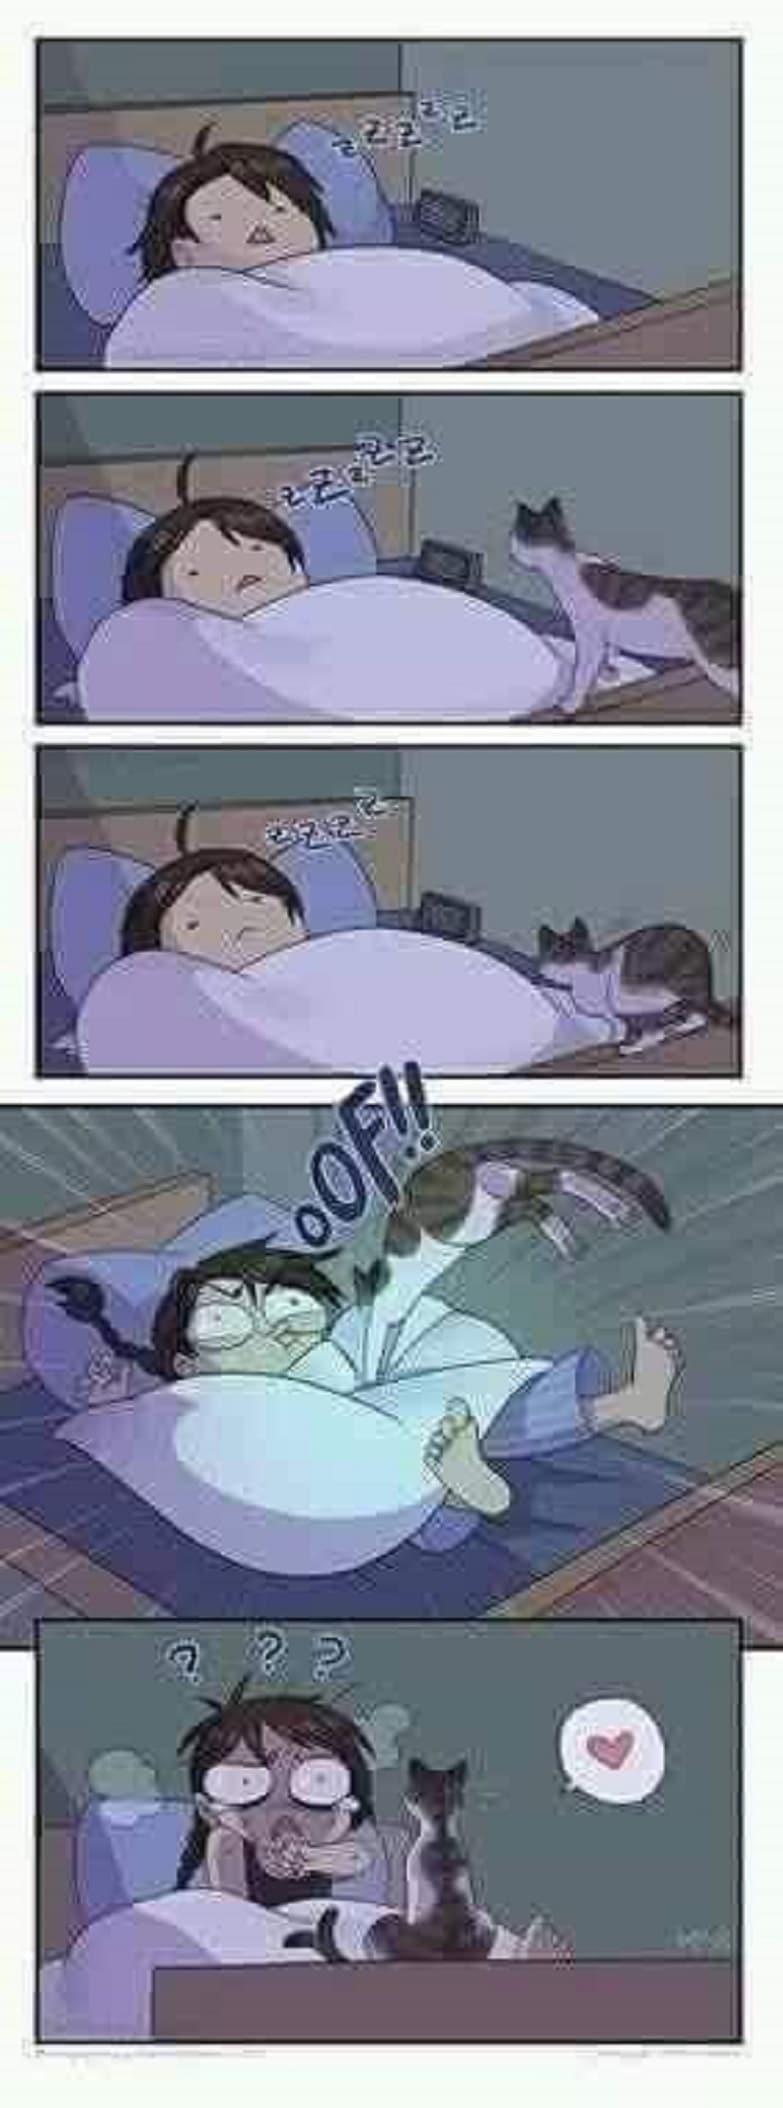 Les chats en pleine nuit